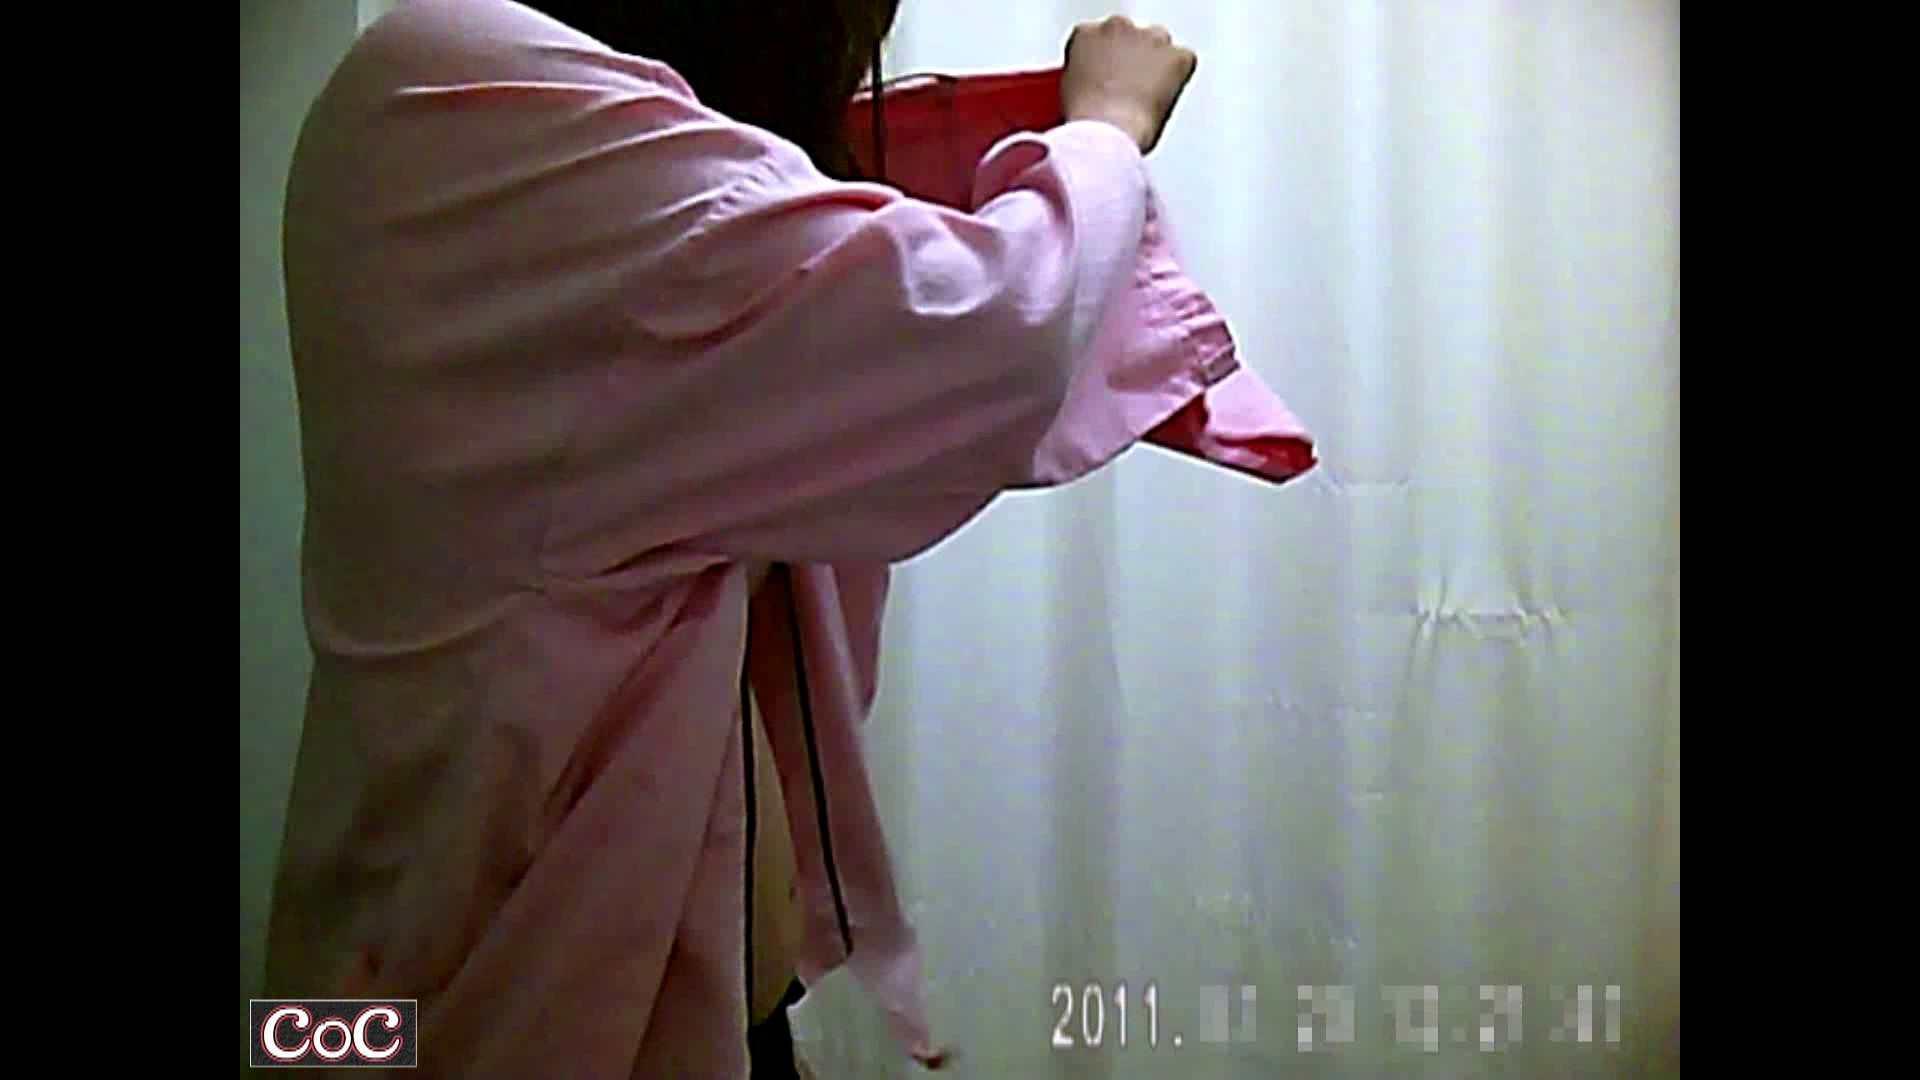 病院おもいっきり着替え! vol.04 着替え のぞきおめこ無修正画像 113PICs 4